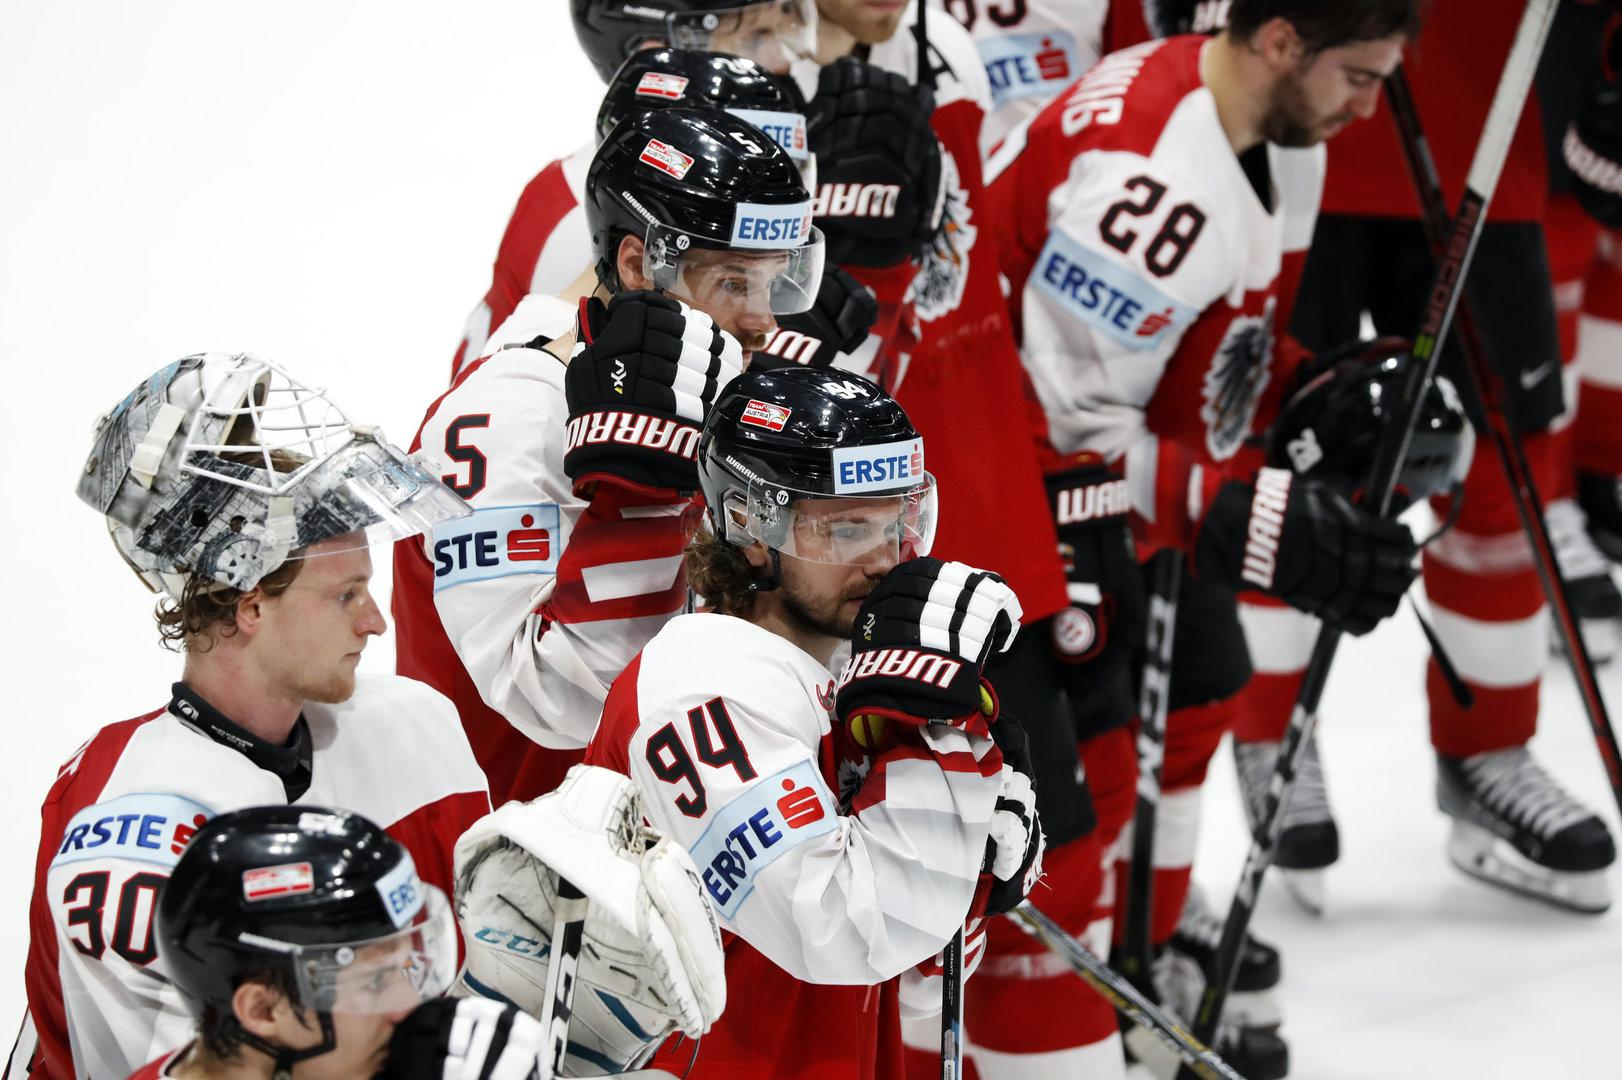 Eishockey-WM: Österreich steigt nach Penaltyschießen ab